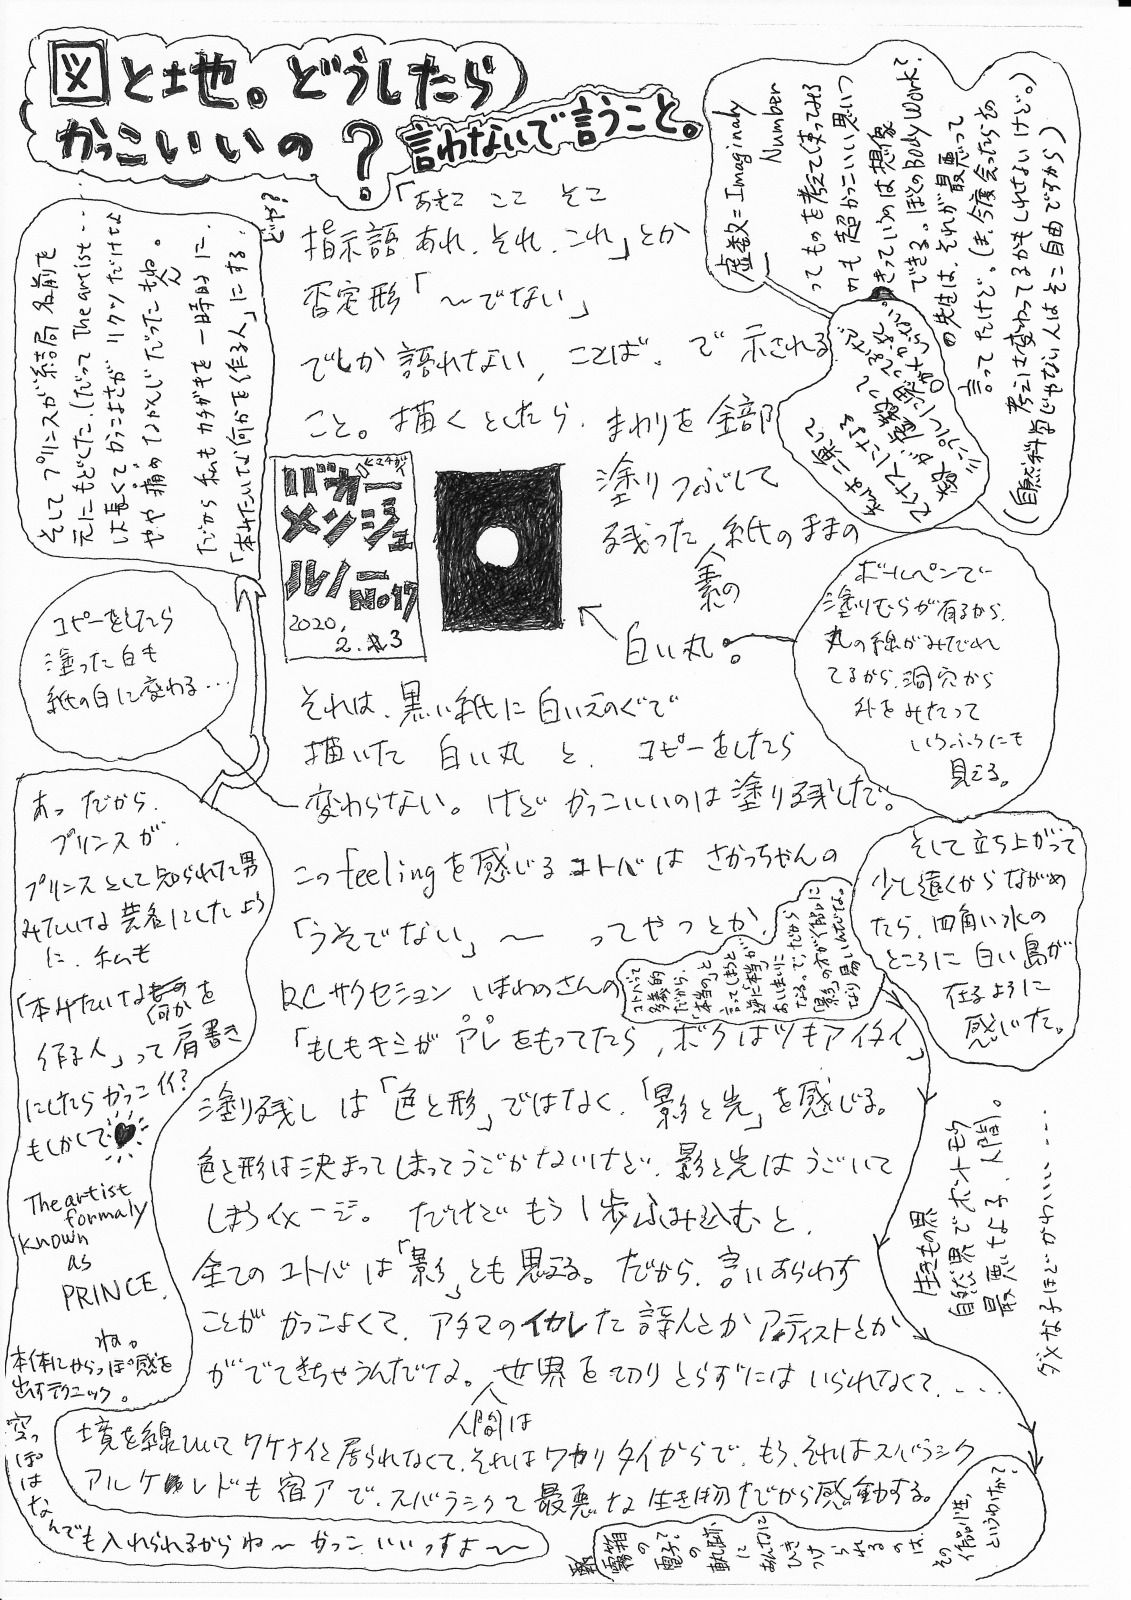 http://yoyamazaki.jp/blog/blog/%E3%81%B0%E3%81%8B%E3%83%BC%E3%82%81%E3%82%93%E3%81%98%E3%82%85%E3%82%8B%E3%81%AE17.jpg